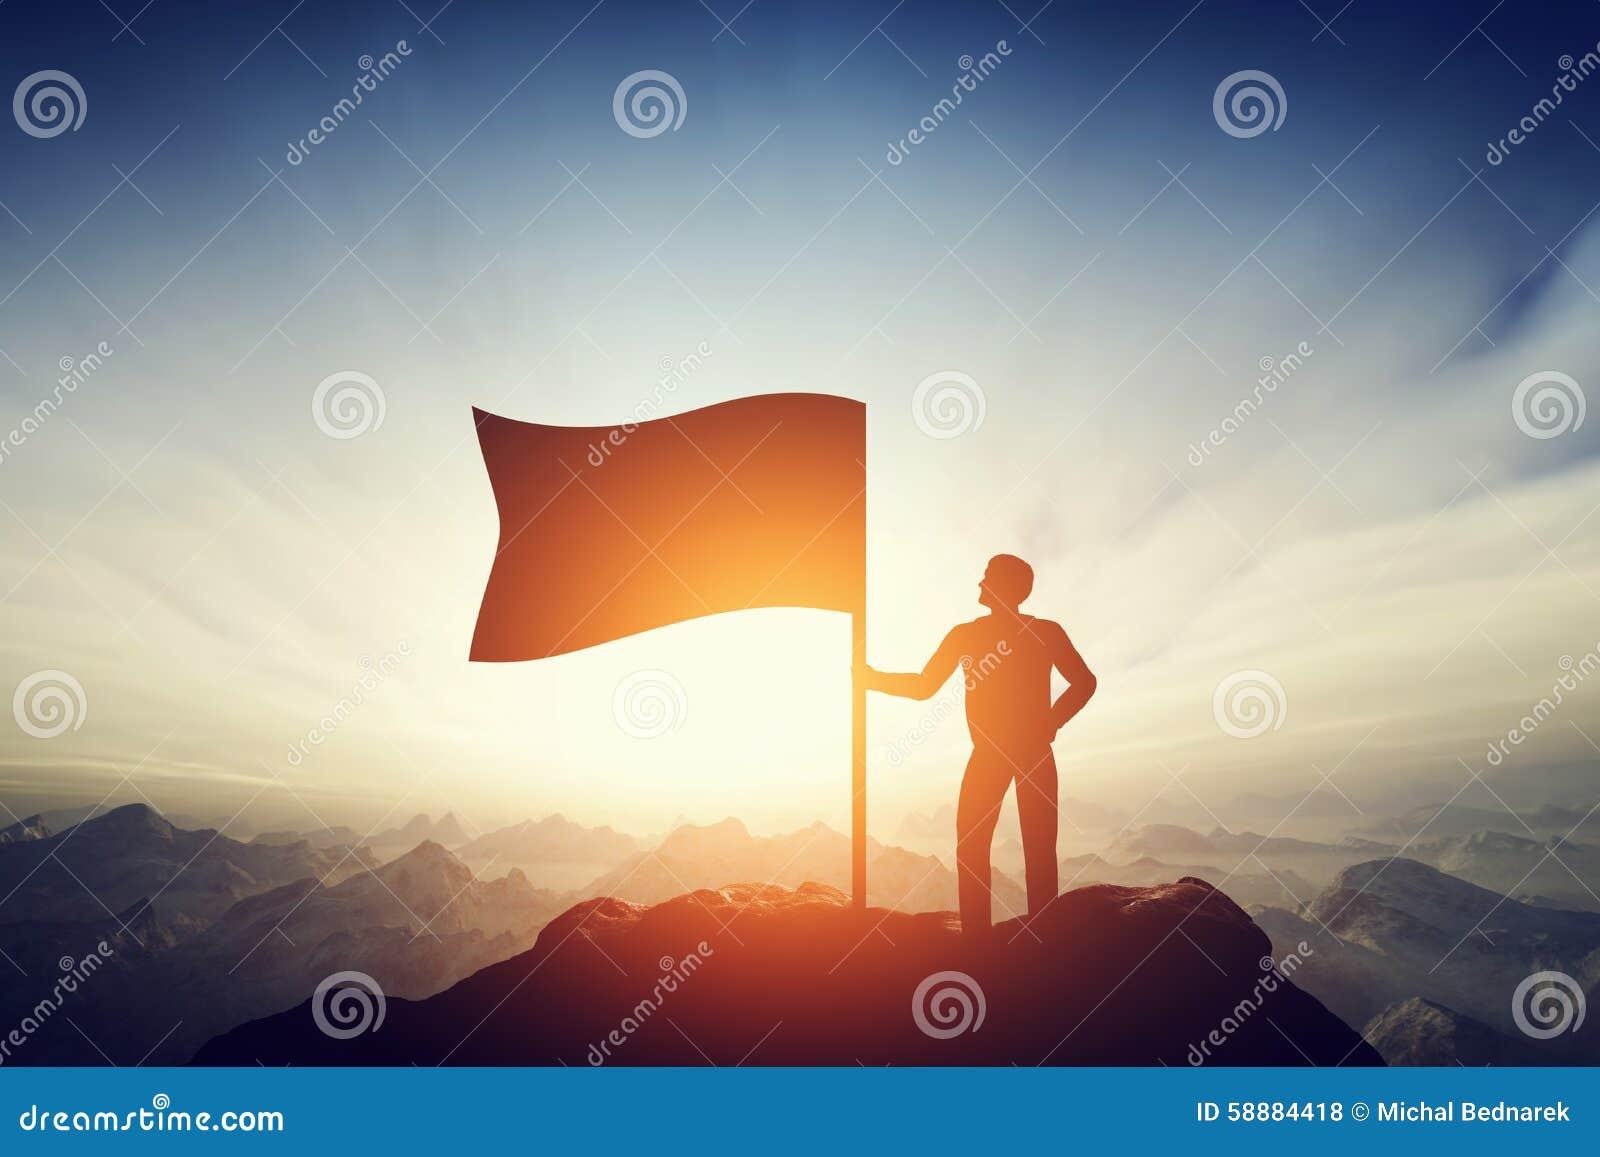 Υπερήφανο άτομο που αυξάνει μια σημαία στην αιχμή του βουνού Πρόκληση, επίτευγμα